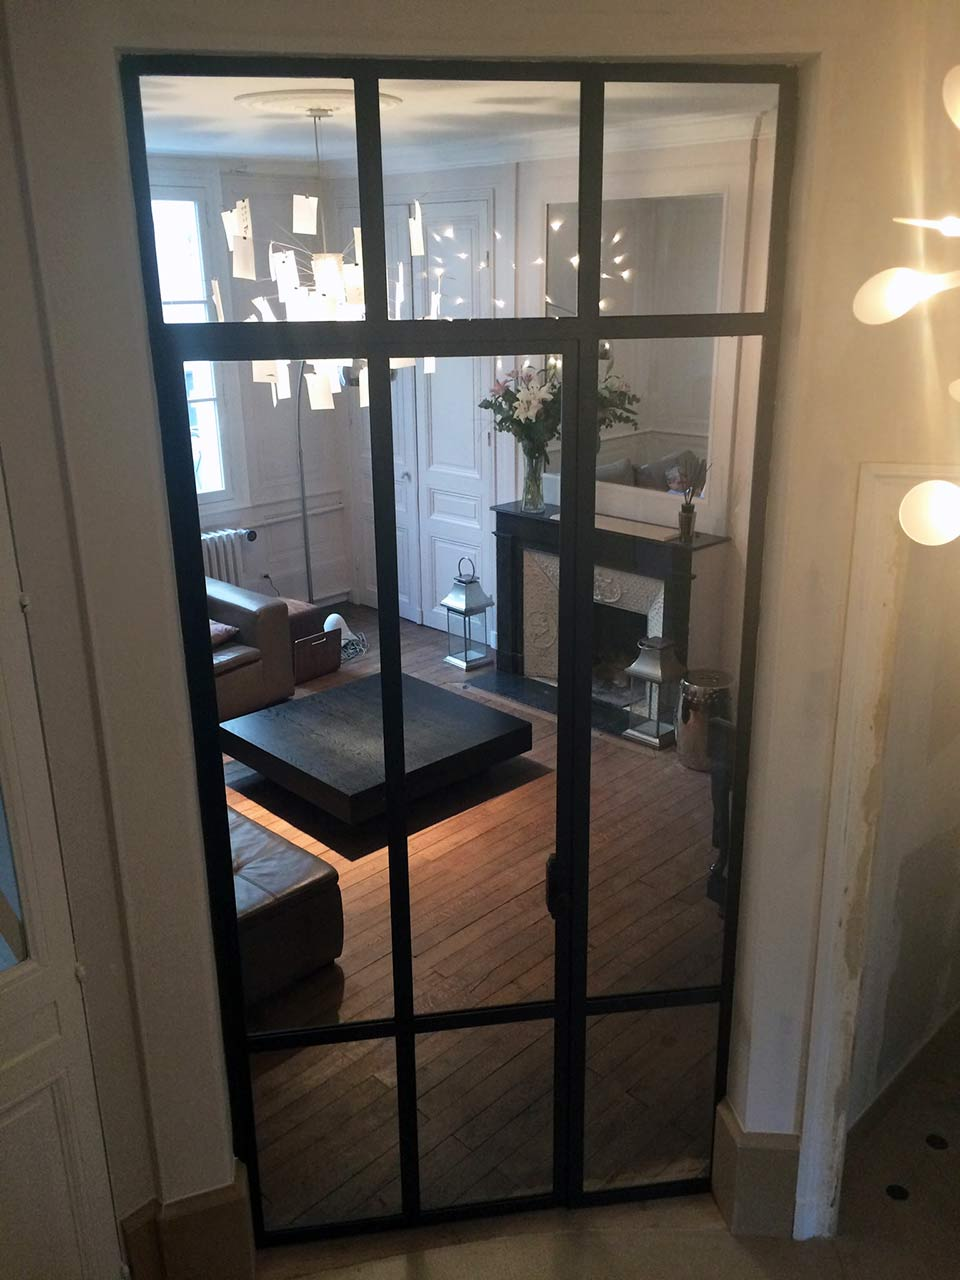 Verri res d atelier d artiste munch et foucher portes fen tres escalier - Cloison verriere atelier ...